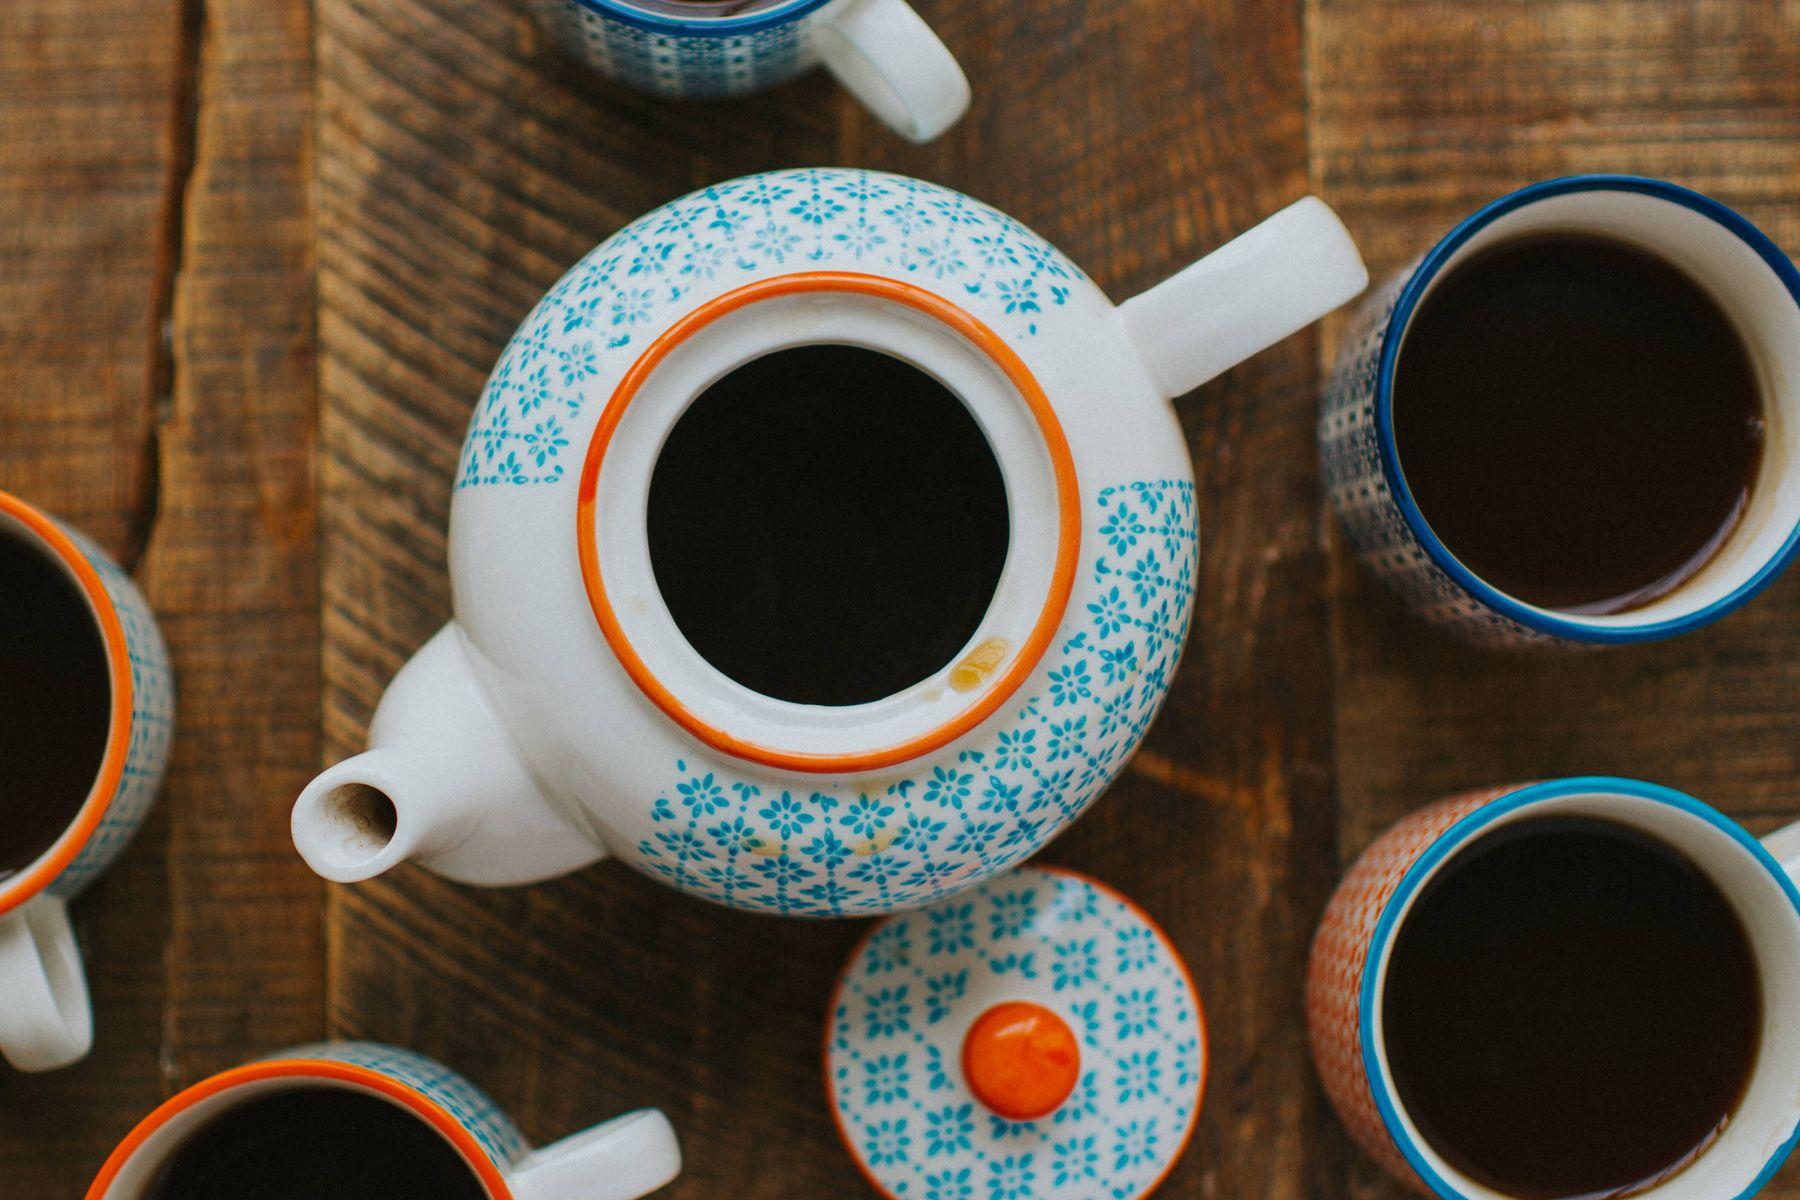 Ahşap masa üzerinde porselen demlik ve porselen çay takımı